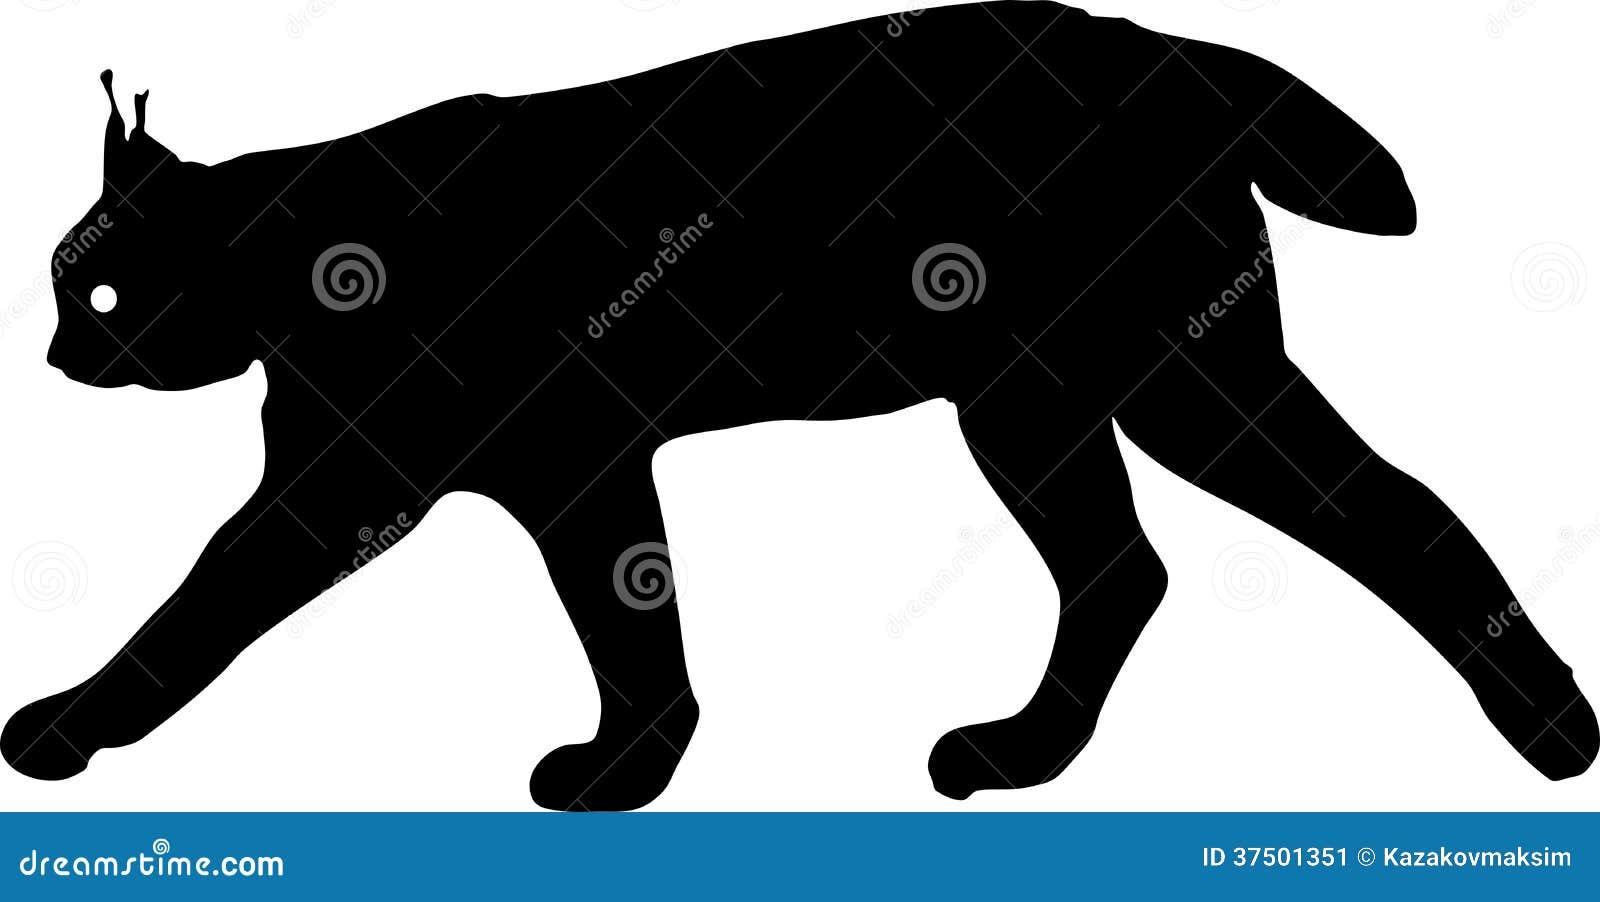 silhouette of eurasian lynx stock vector illustration of eurasian